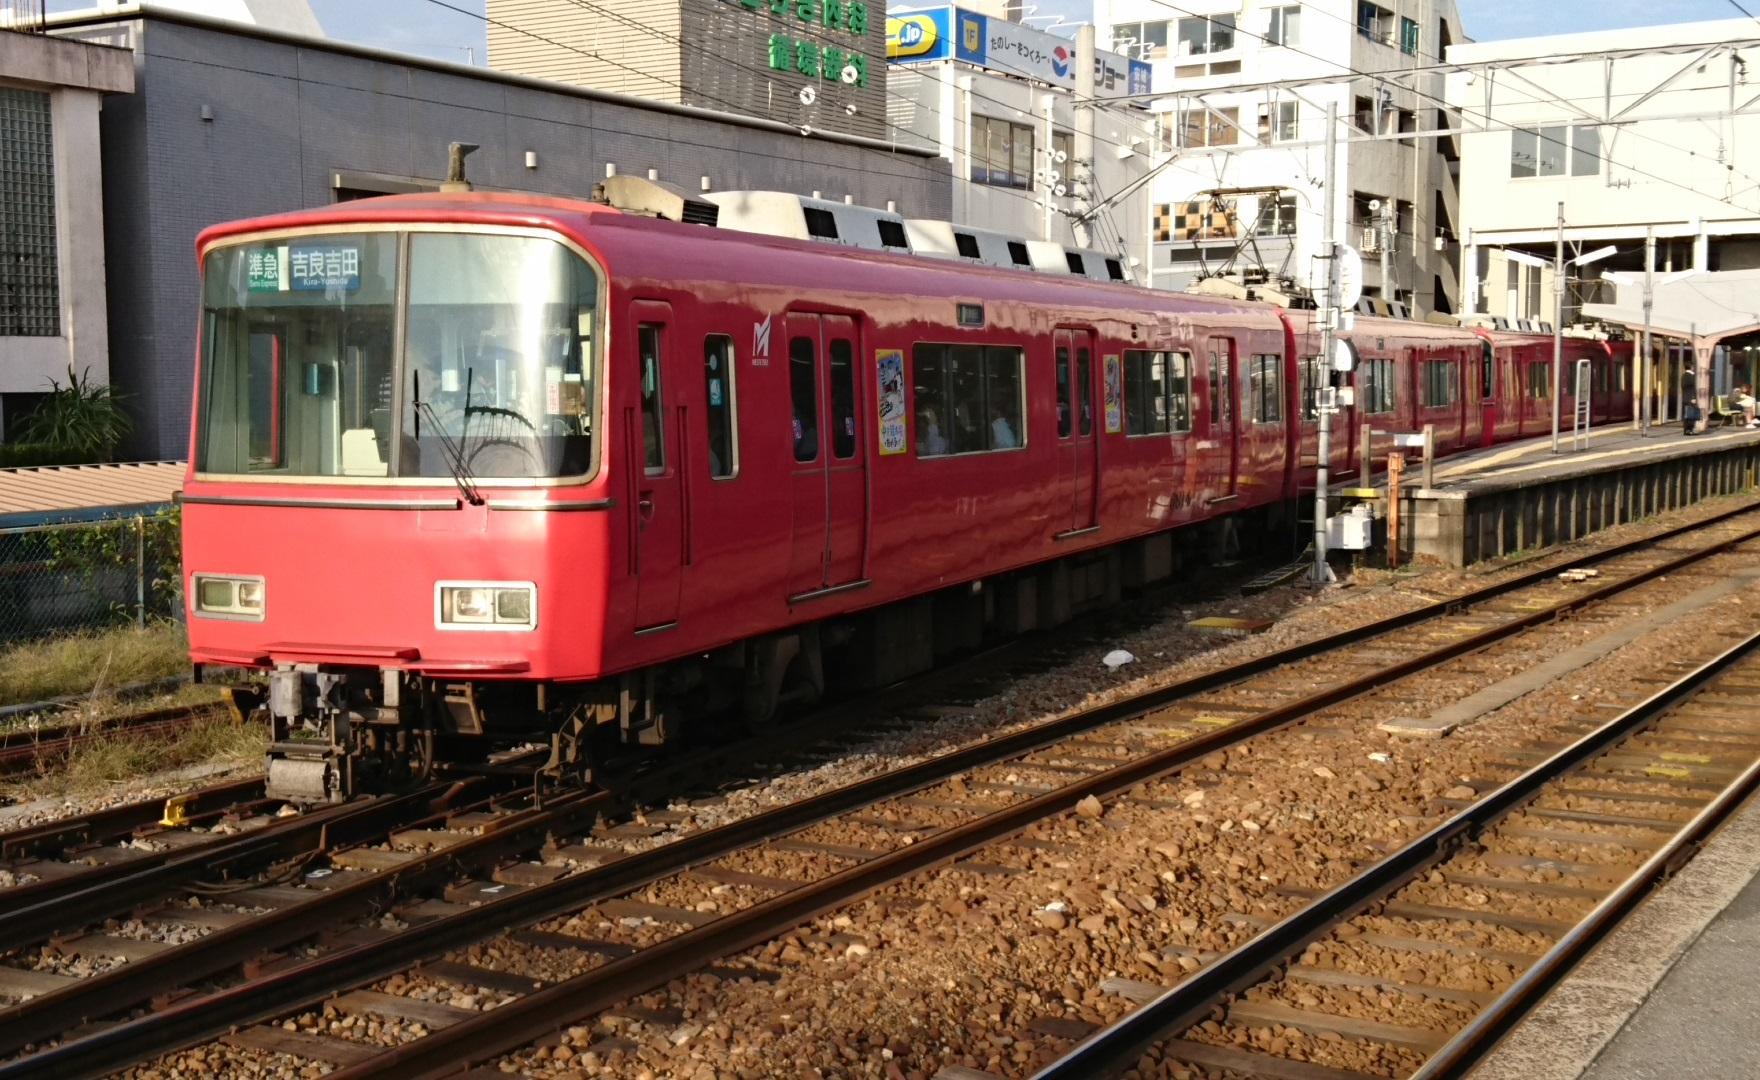 2016.10.31 あさ (3) しんあんじょう - 吉良吉田いき準急 1760-1080